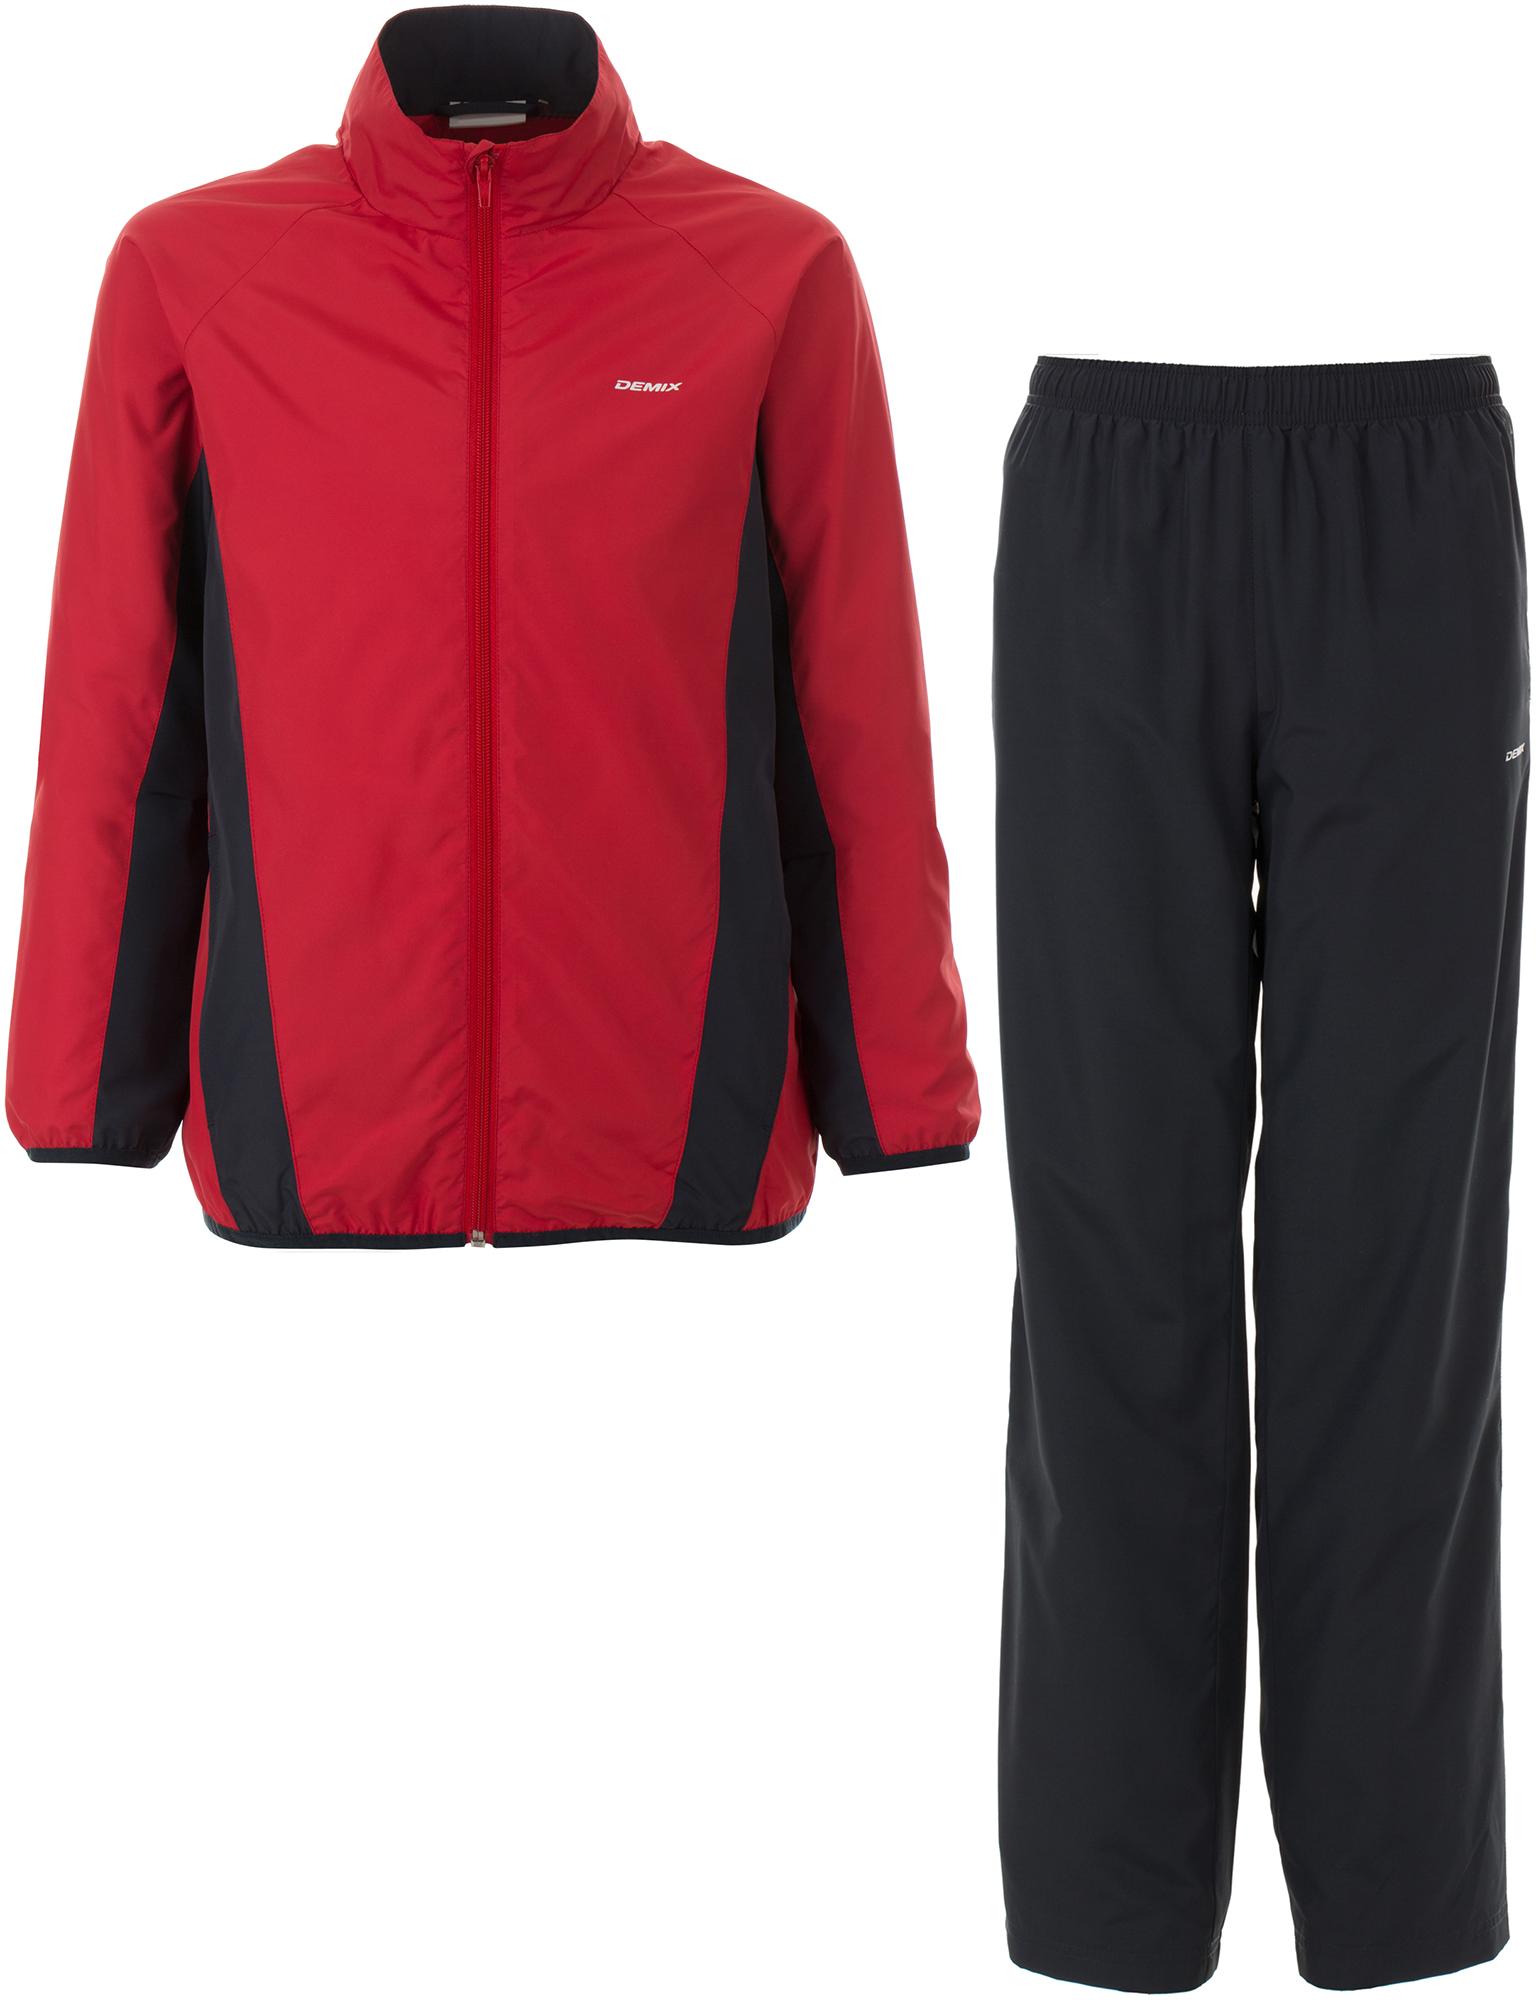 цена на Demix Детский спортивный костюм Demix, размер 146